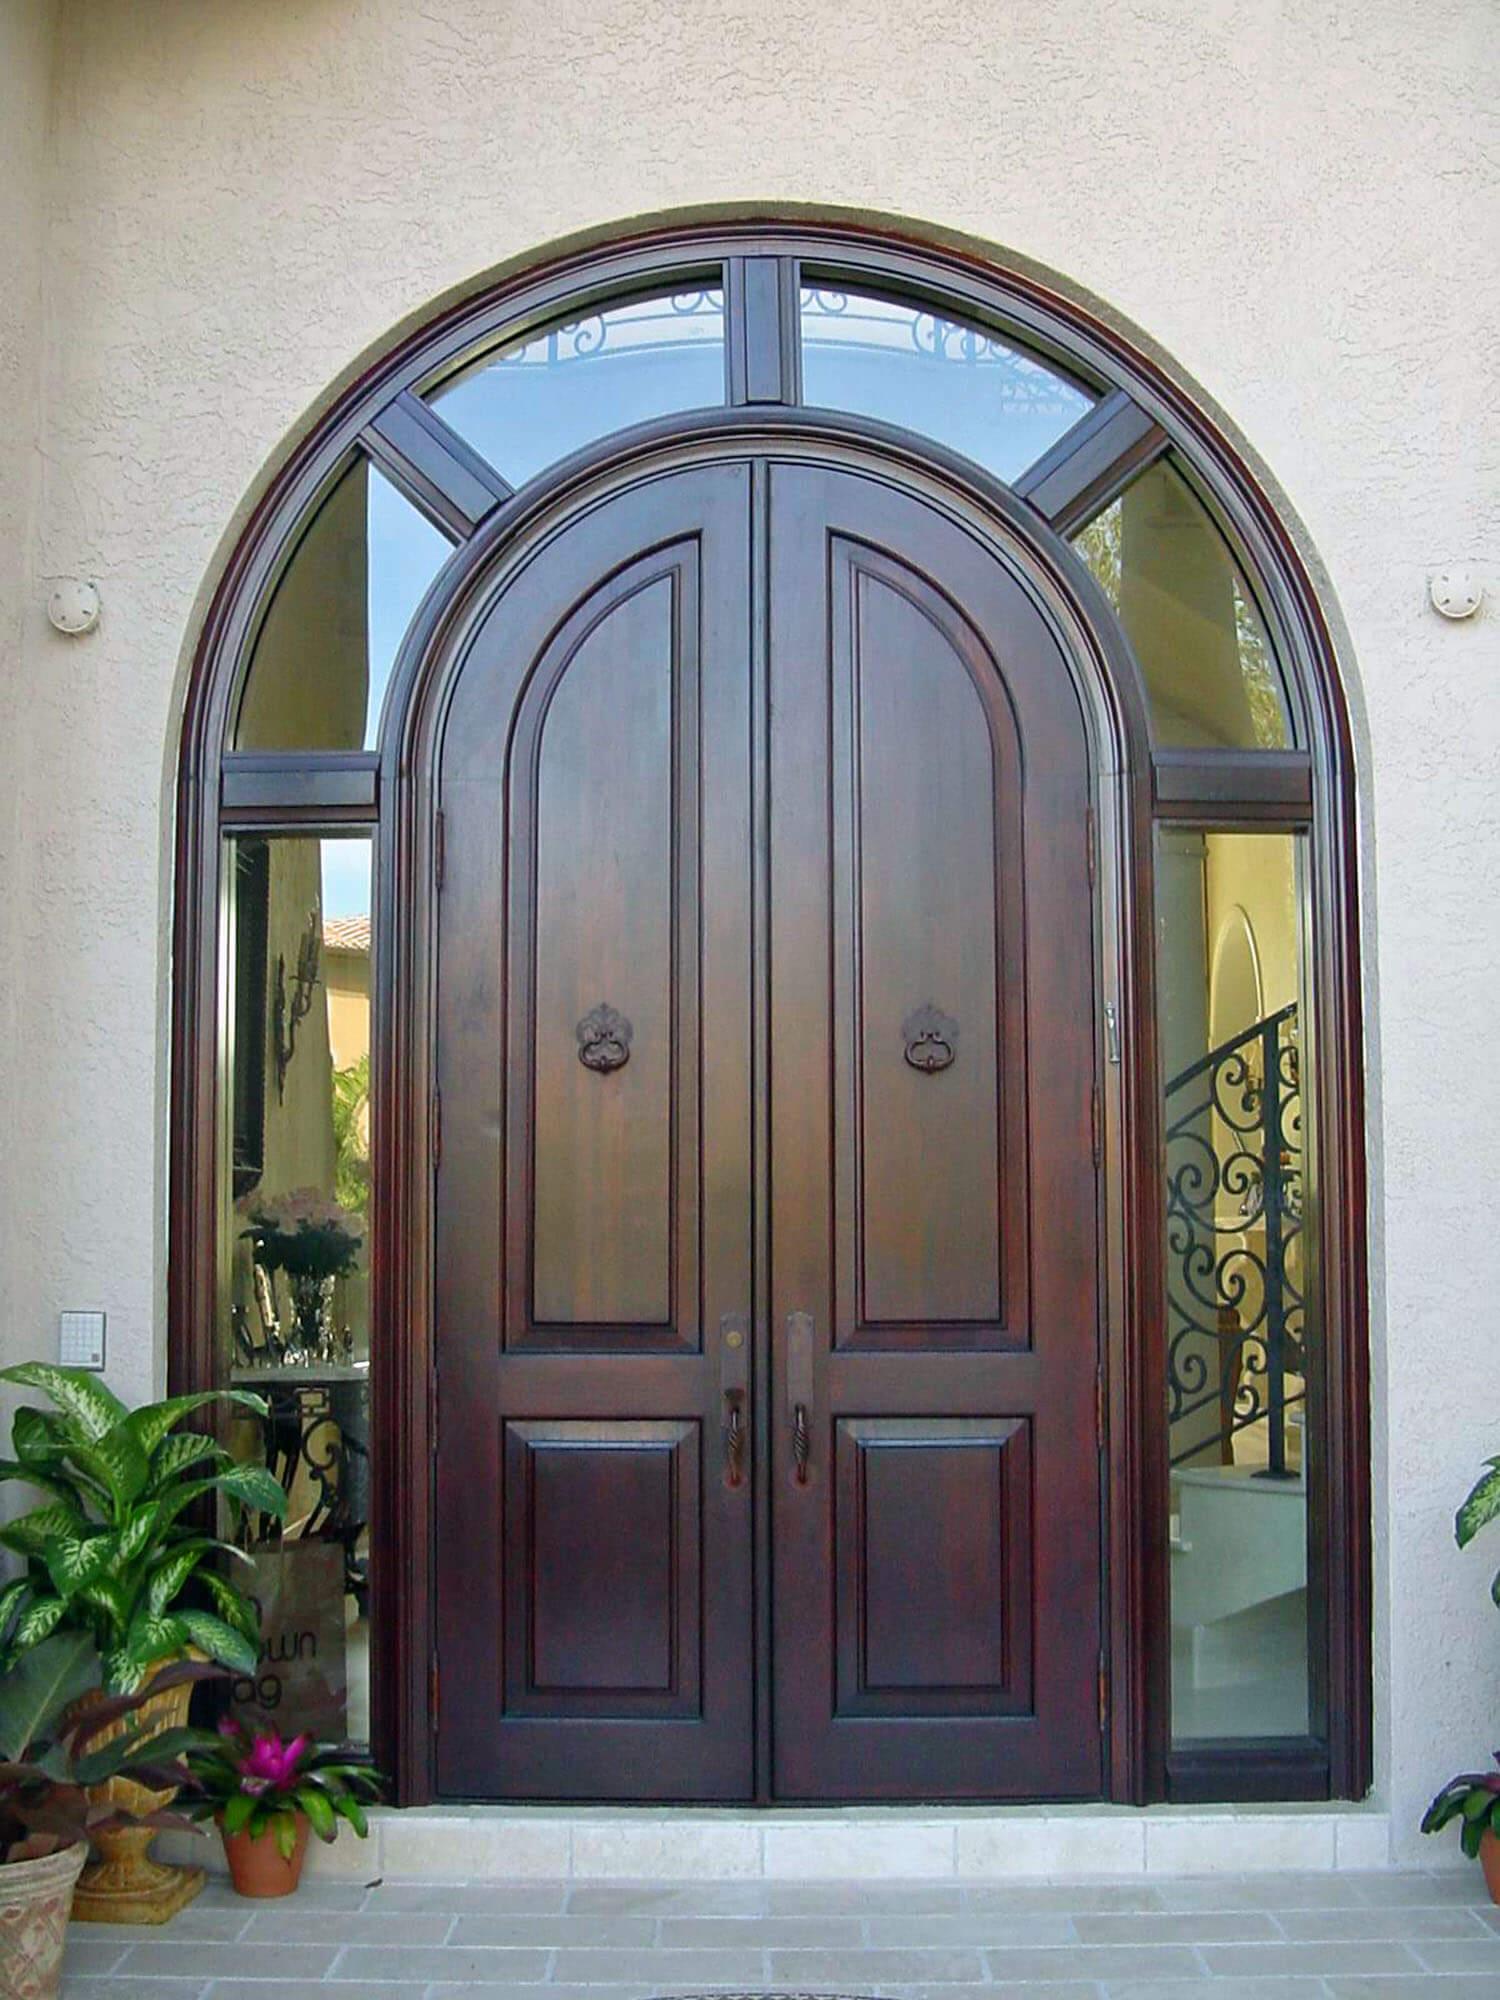 Frt. Lauderdale Impact Mahogany Doors